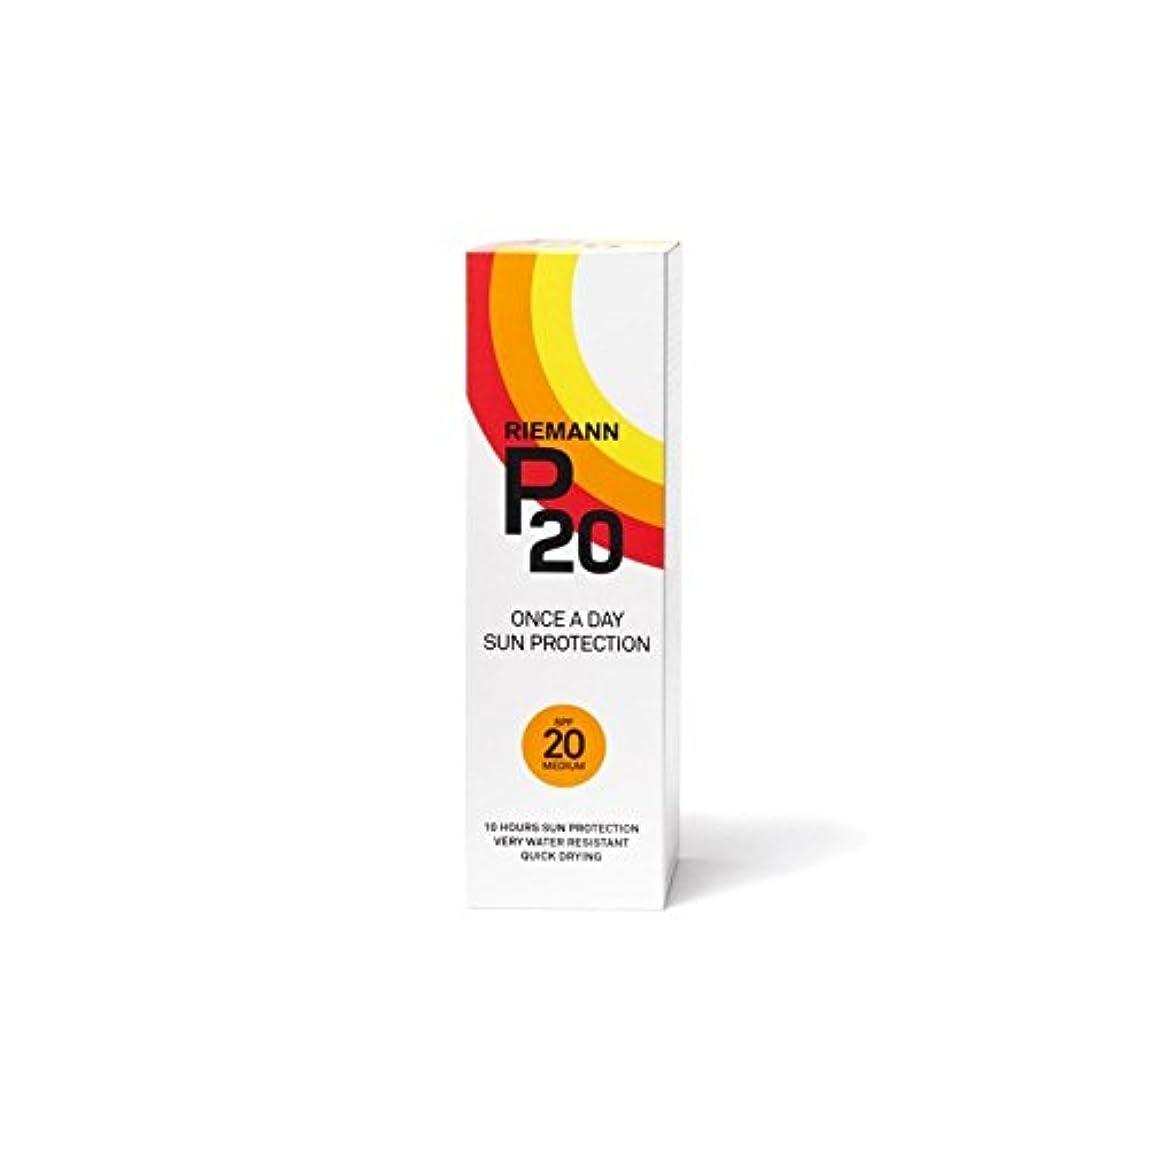 リンス過度に娯楽Riemann P20 Sun Filter 100ml SPF20 (Pack of 6) - リーマン20のサンフィルター100ミリリットル20 x6 [並行輸入品]